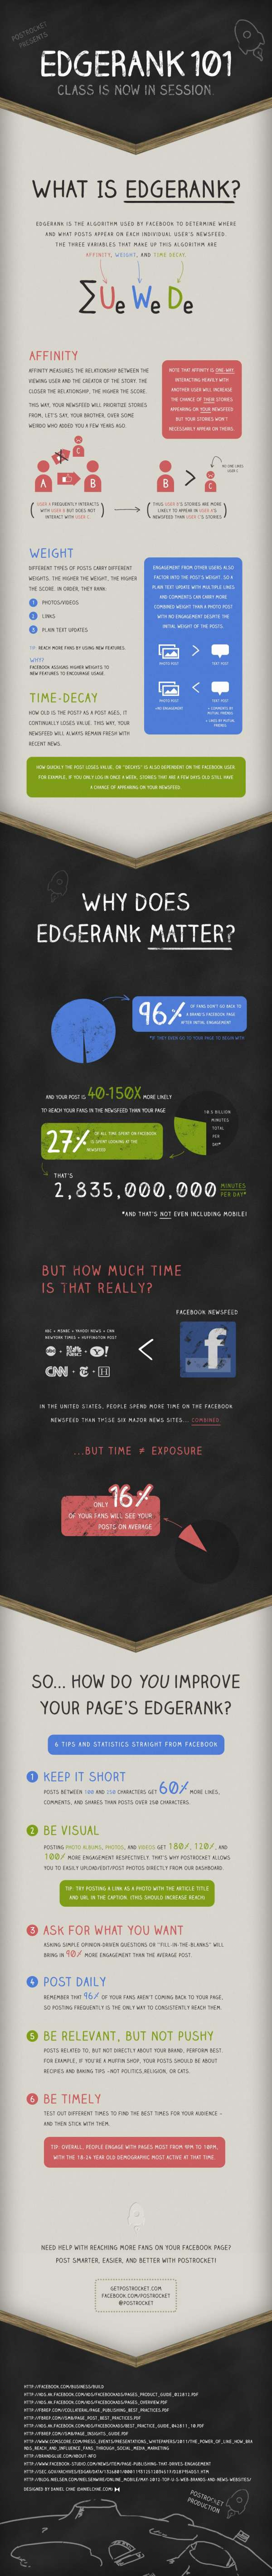 Infografía Edgerank Facebook